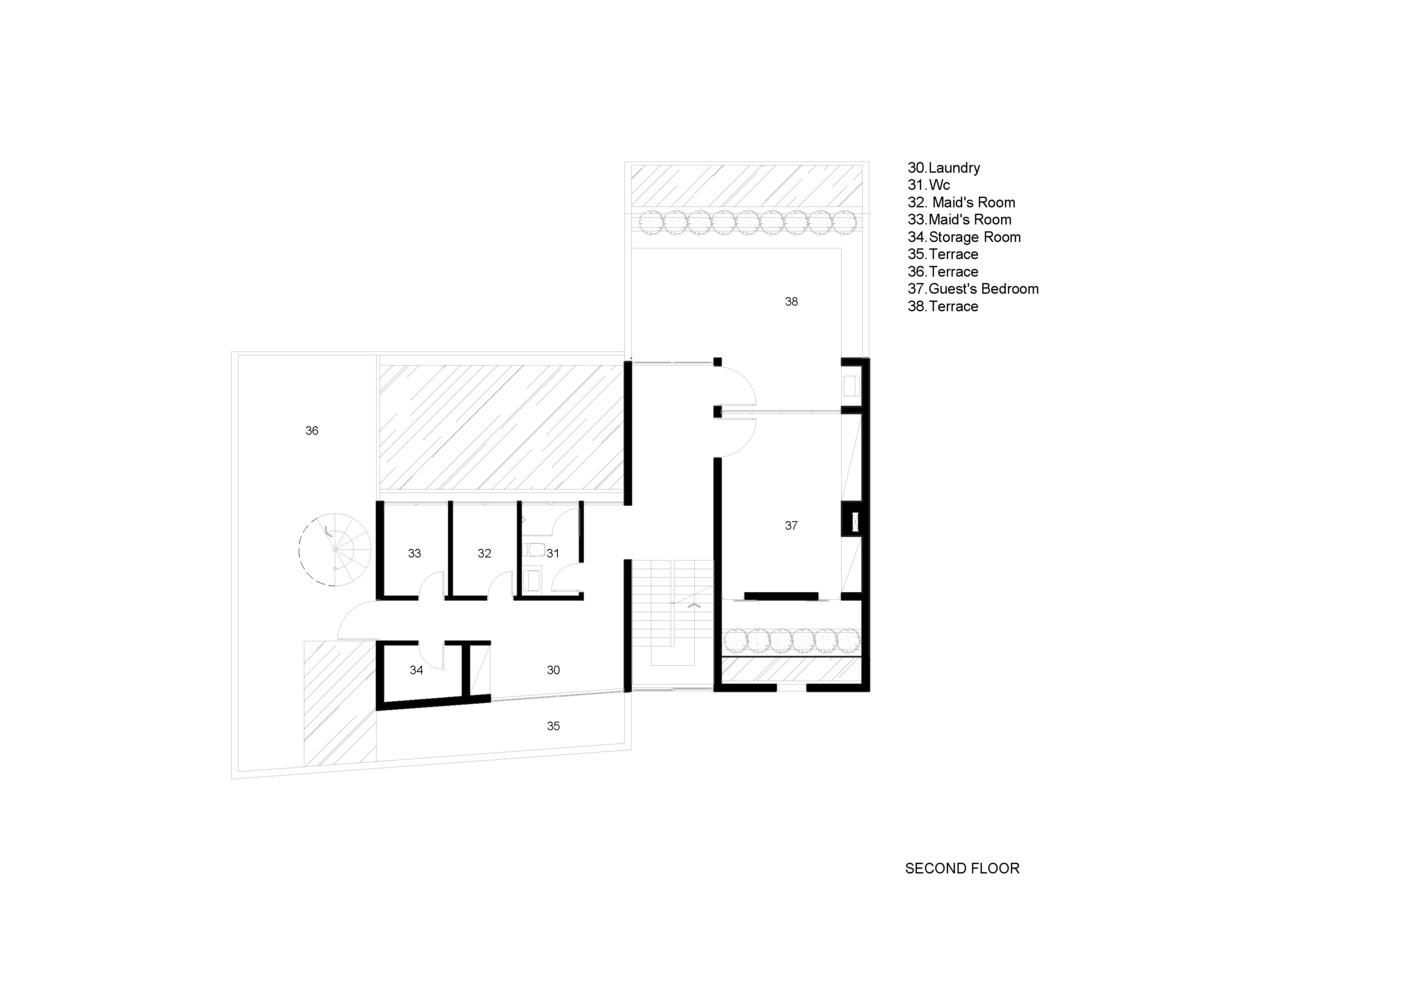 طراحی ویلای تریبلکس مدرن